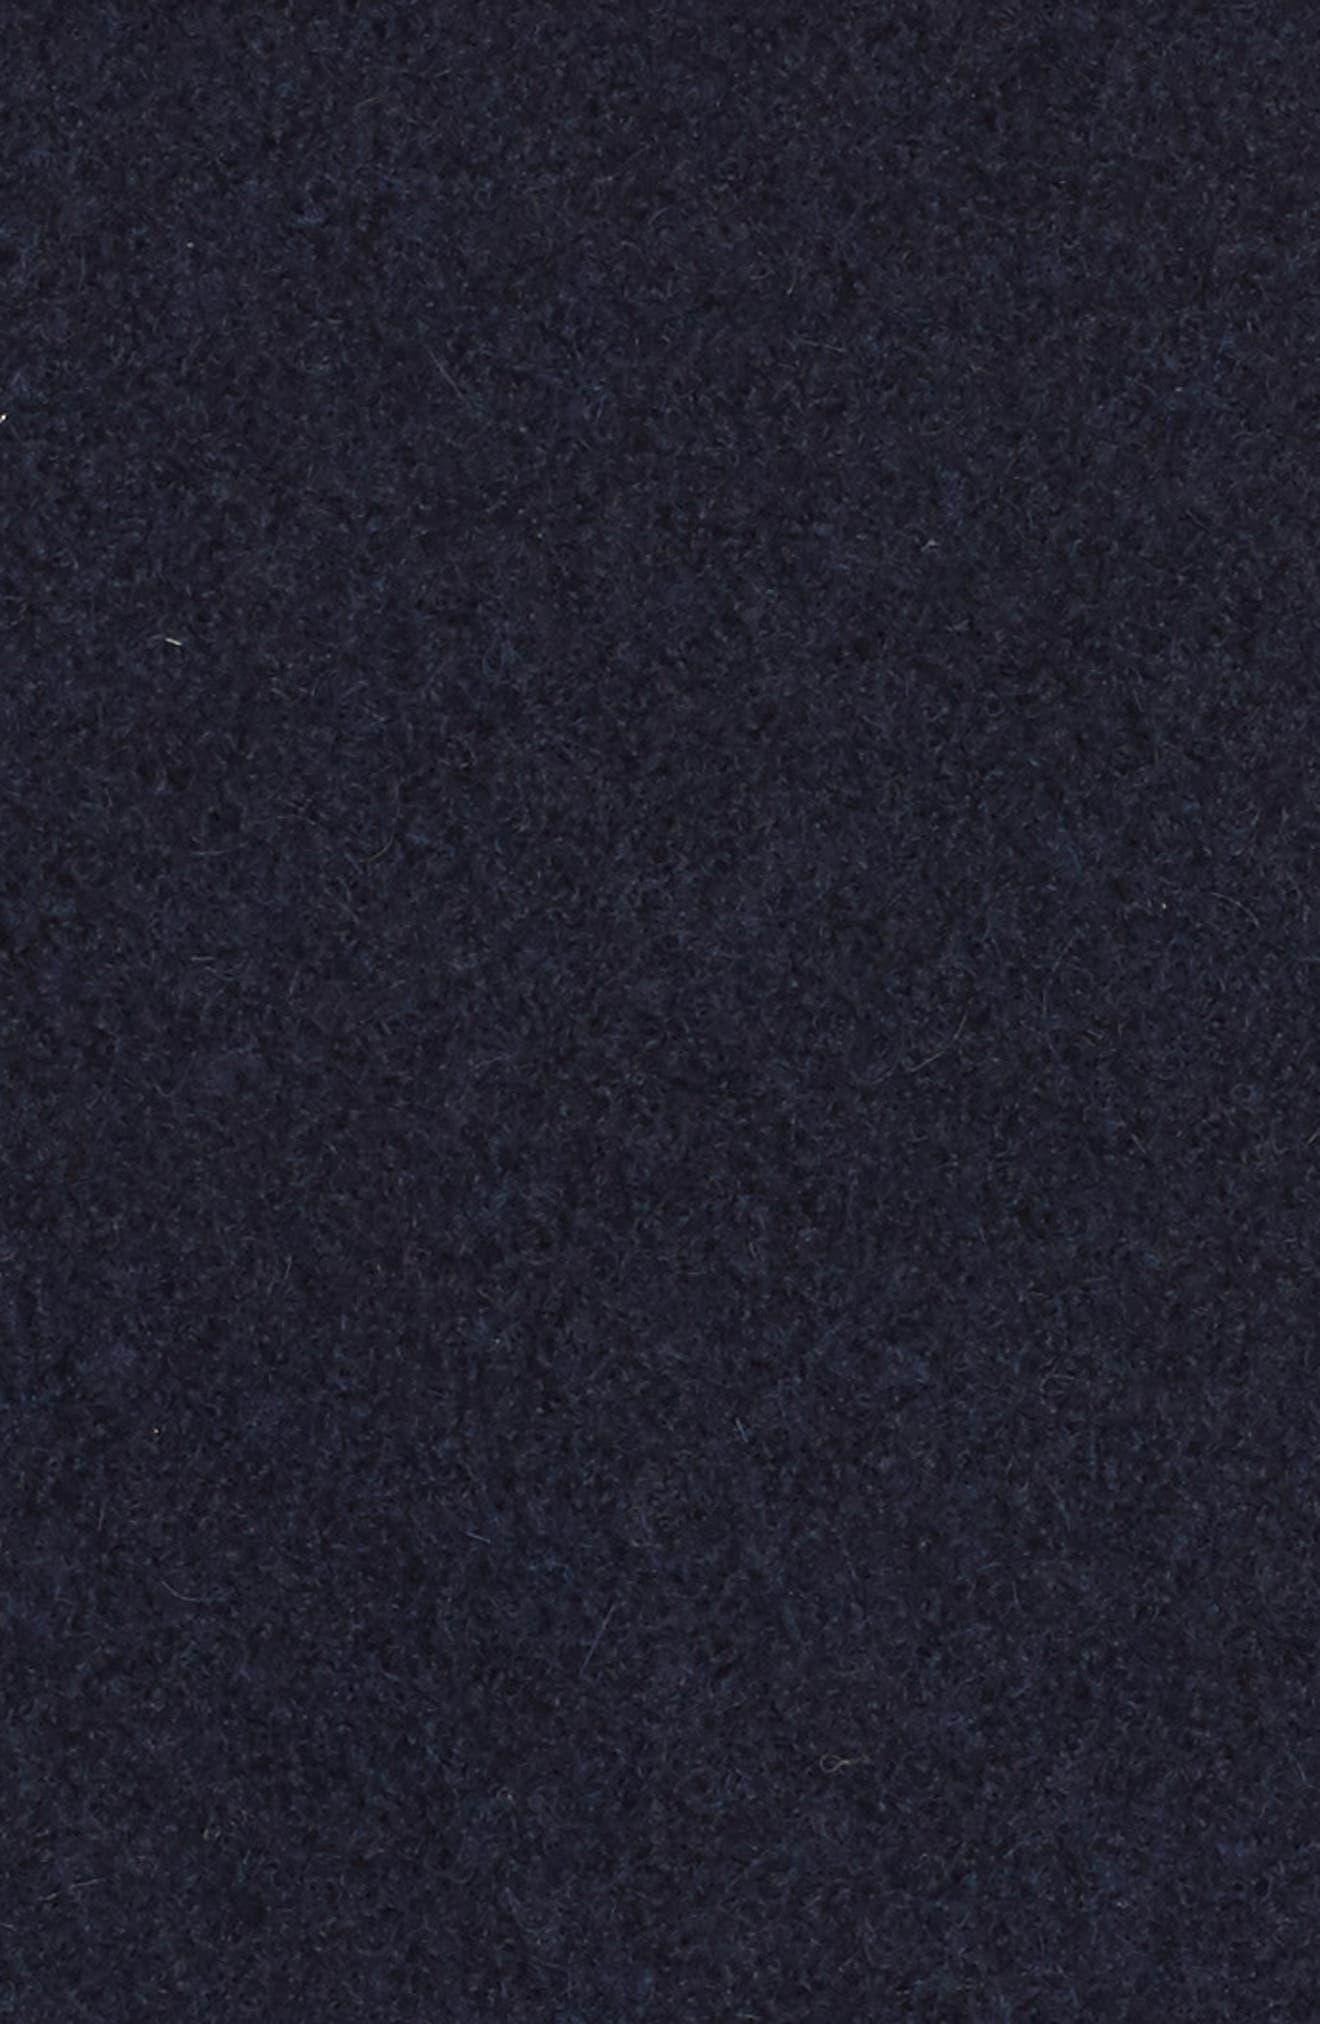 Cashmere Blend Bouclé Sweater,                             Alternate thumbnail 5, color,                             410